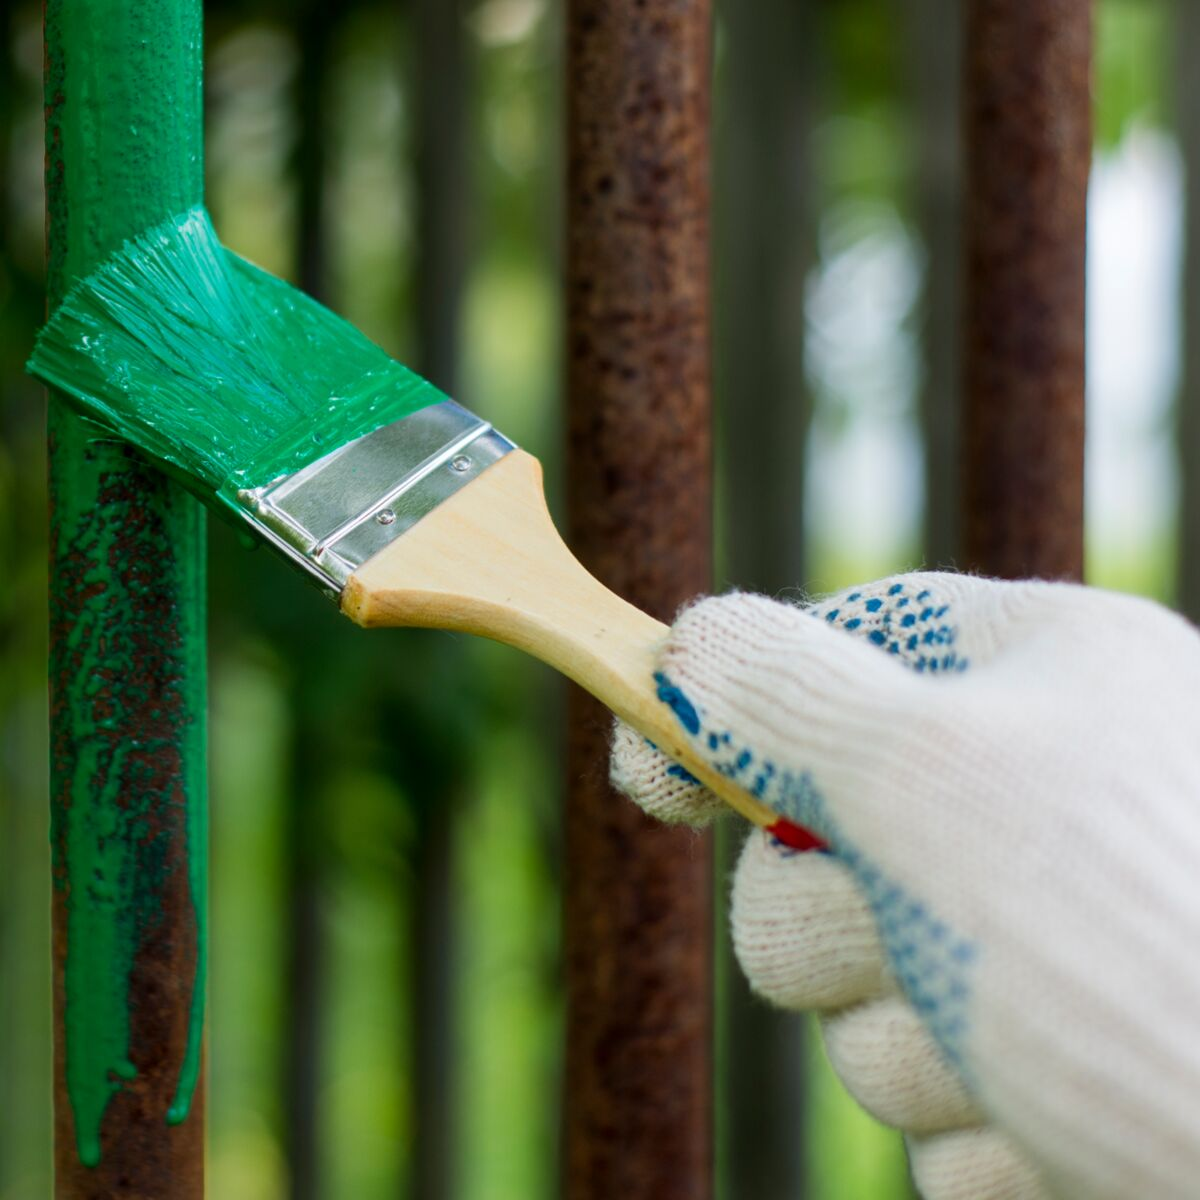 Comment Nettoyer Le Marbre Exterieur comment enlever la rouille sur le métal, acier ou fer